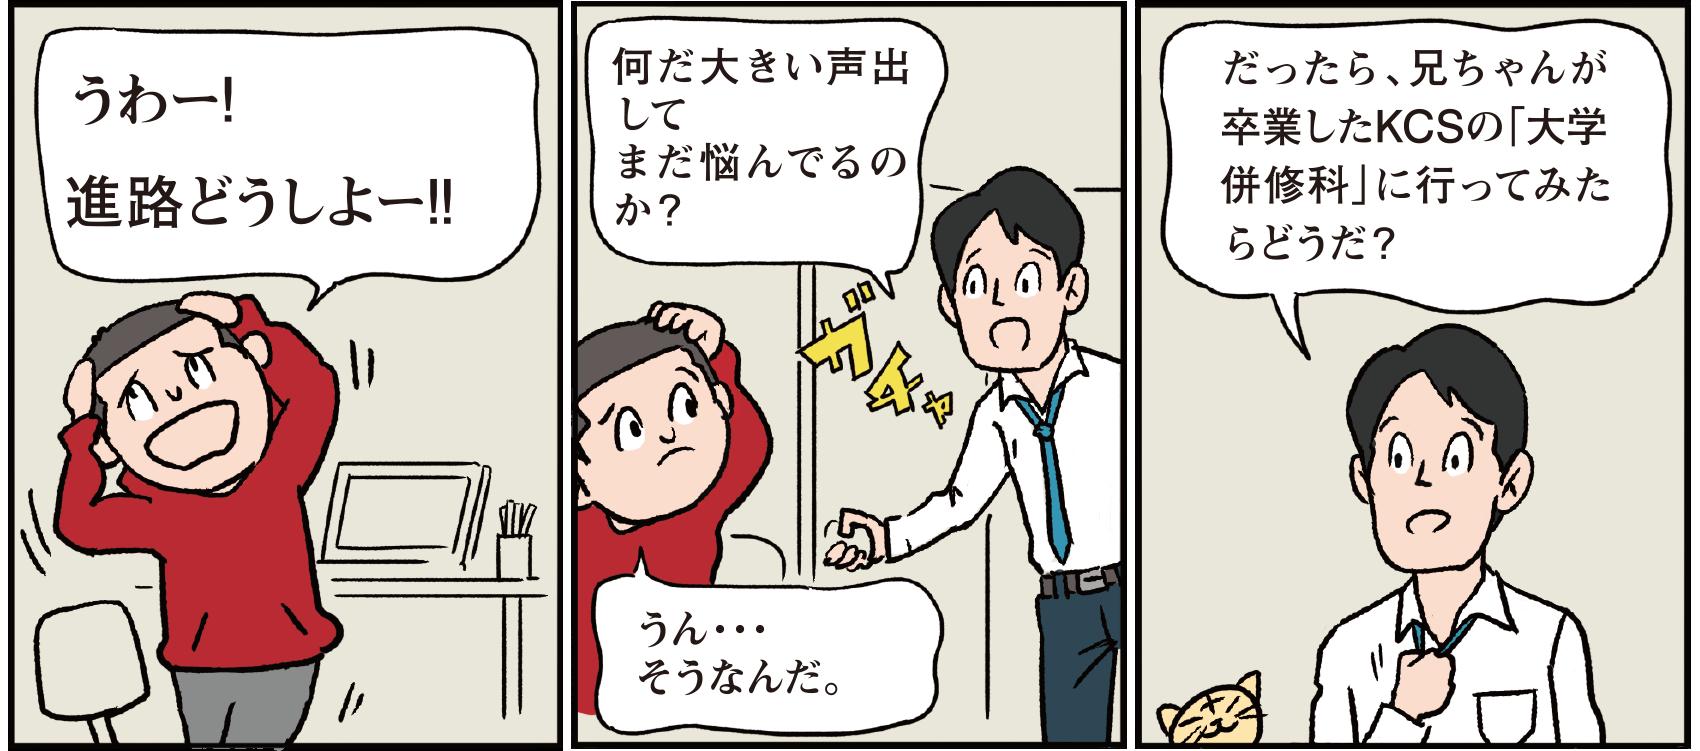 コミック01-03